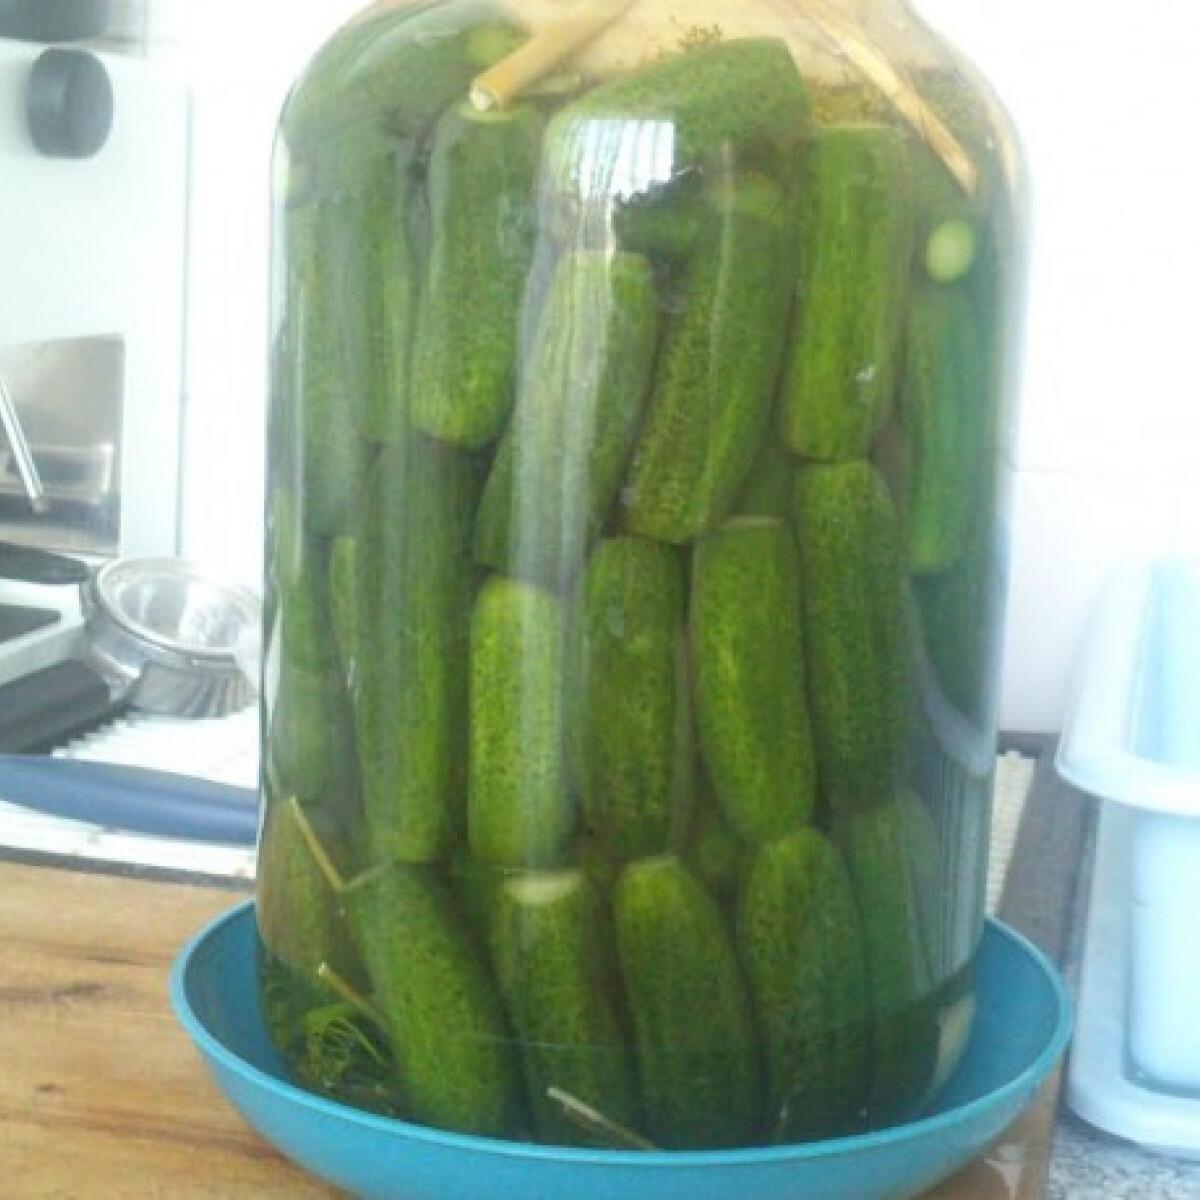 Kovászos uborka Odzsi konyhájából